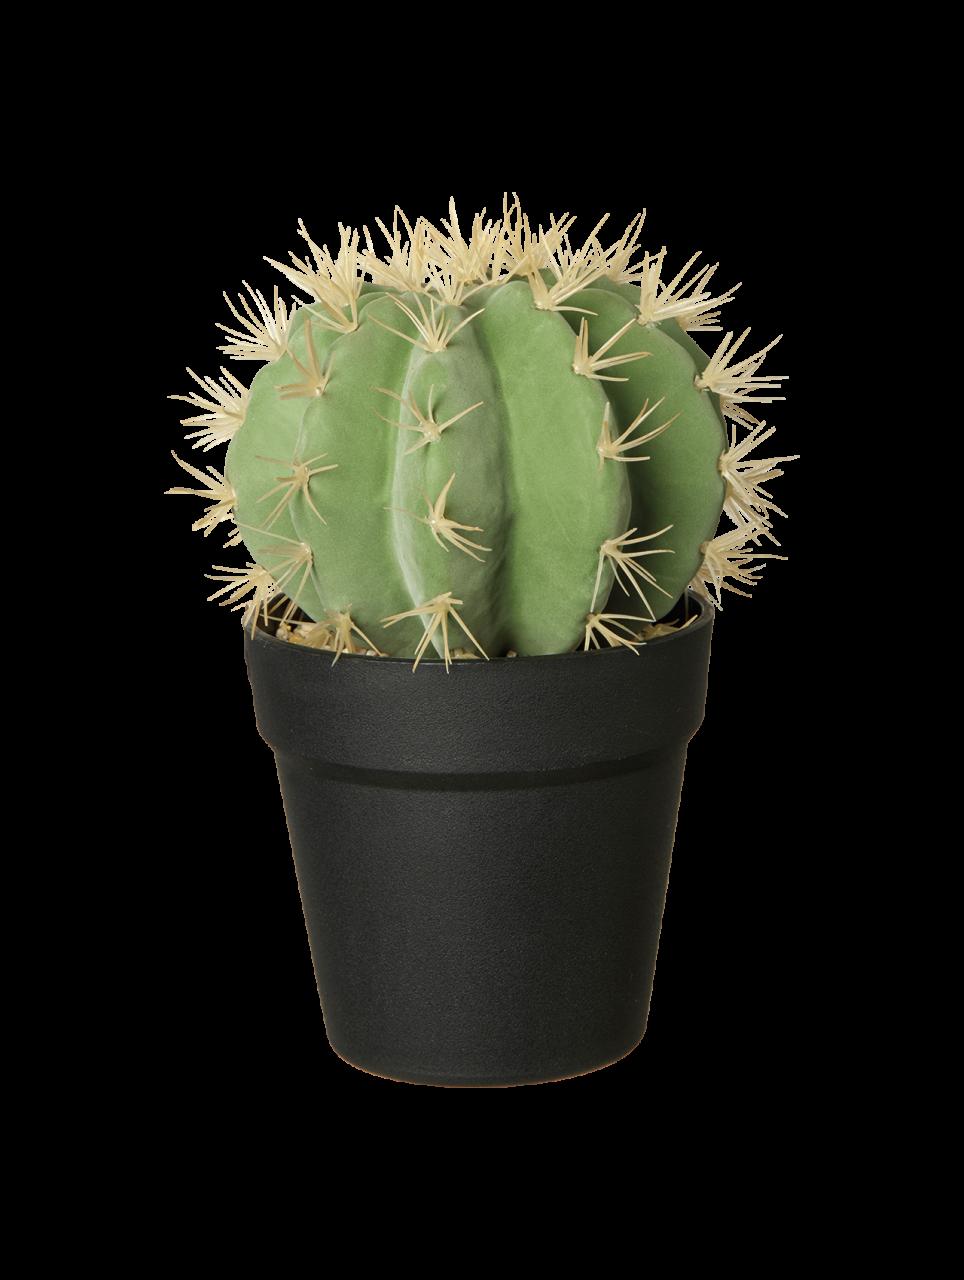 Goldkugel Kaktus im Topf